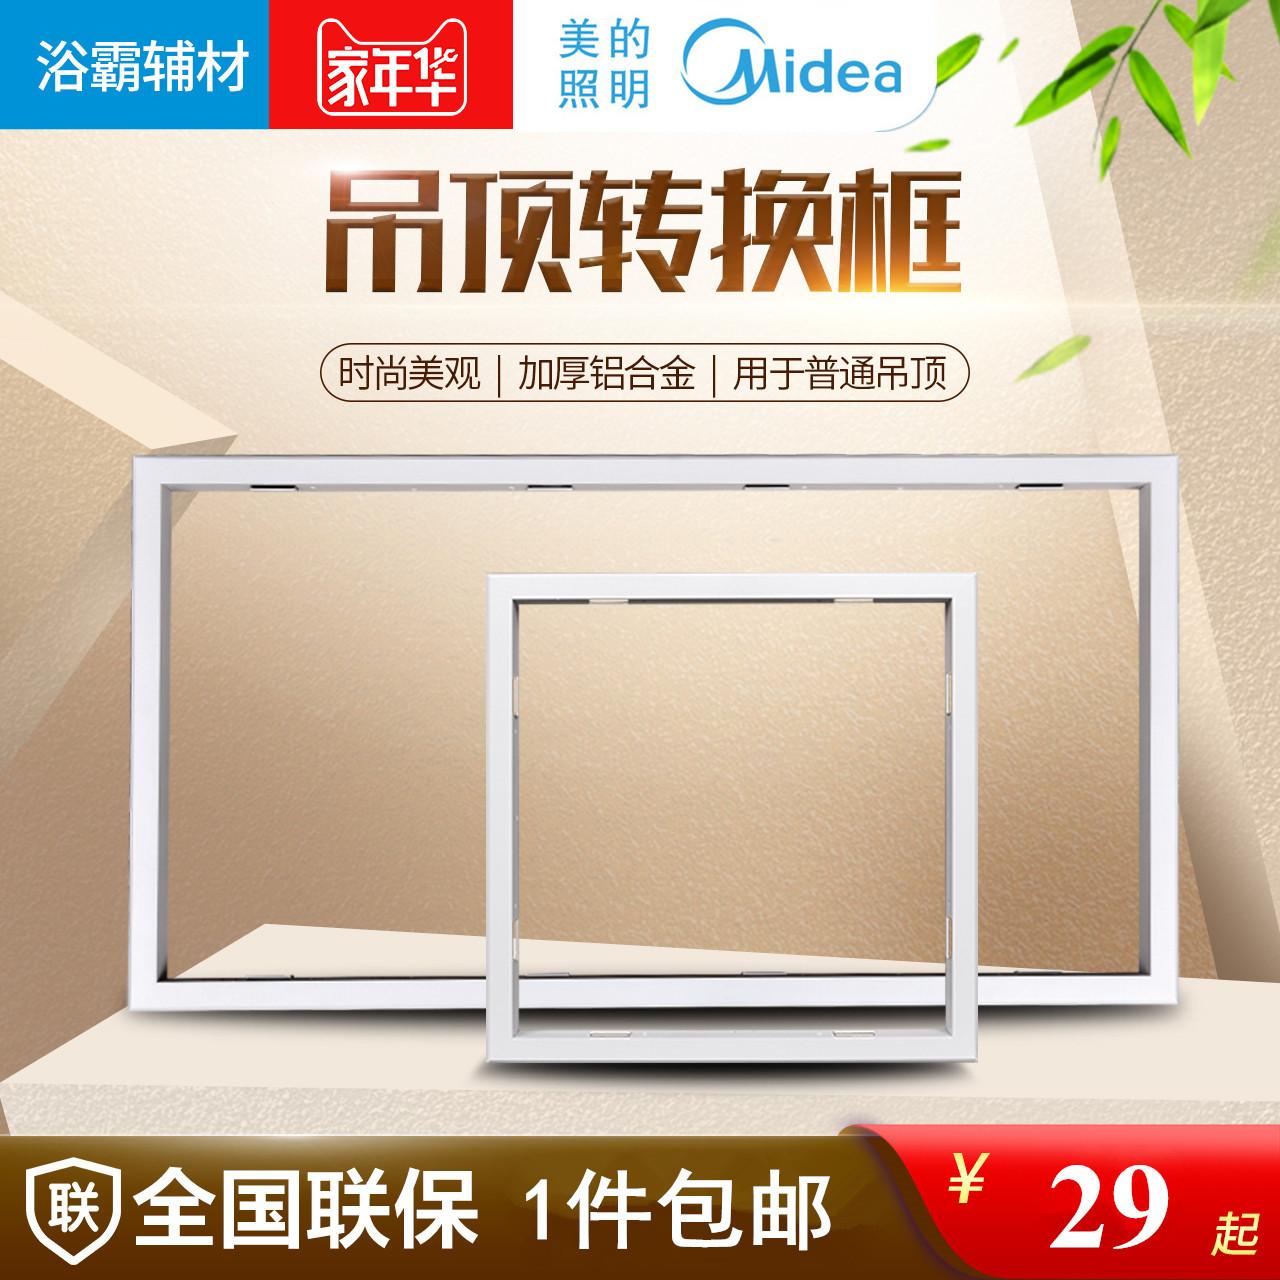 Красивое освещение конвертер Yuba конвертер встроенный потолок свет Коробка с конверсионной коробкой алюминий Аксессуары для рамы